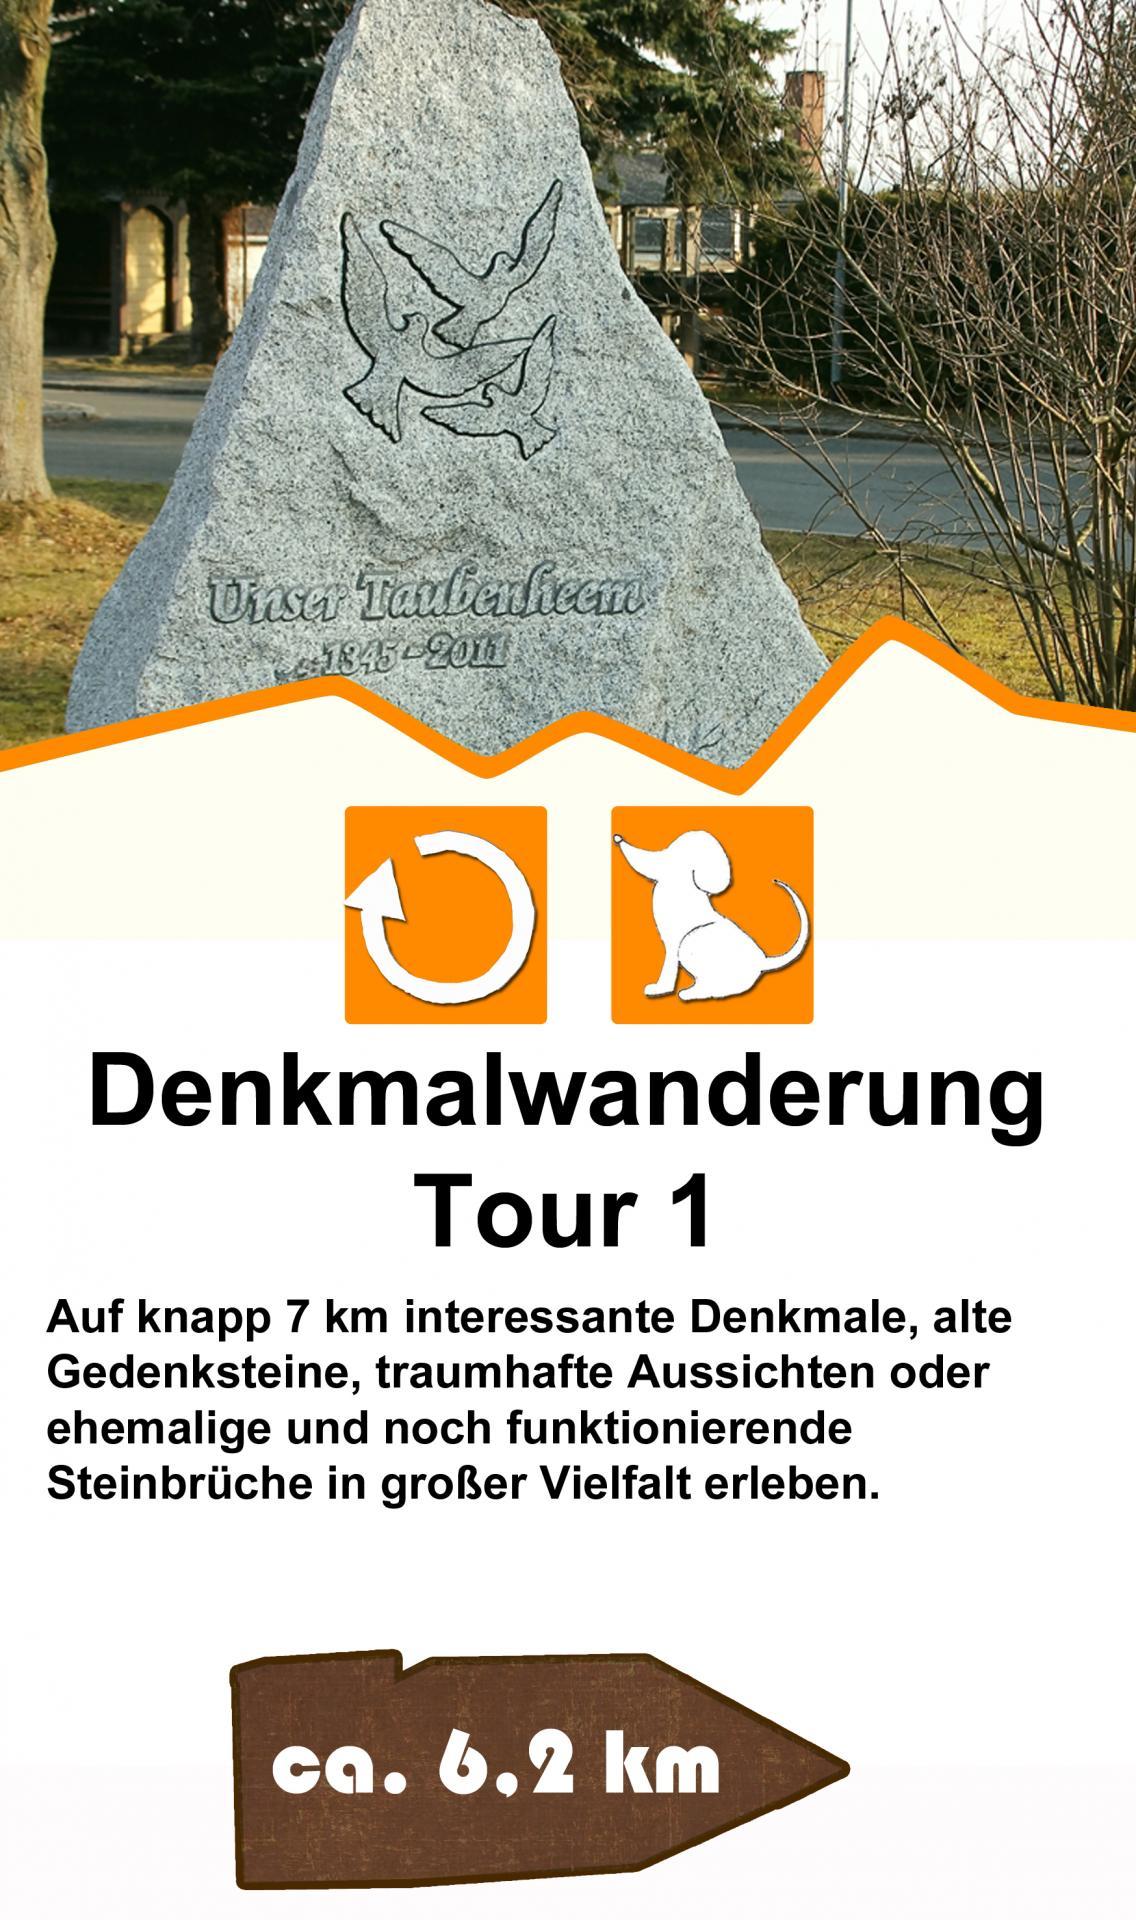 Denkmaltour 1